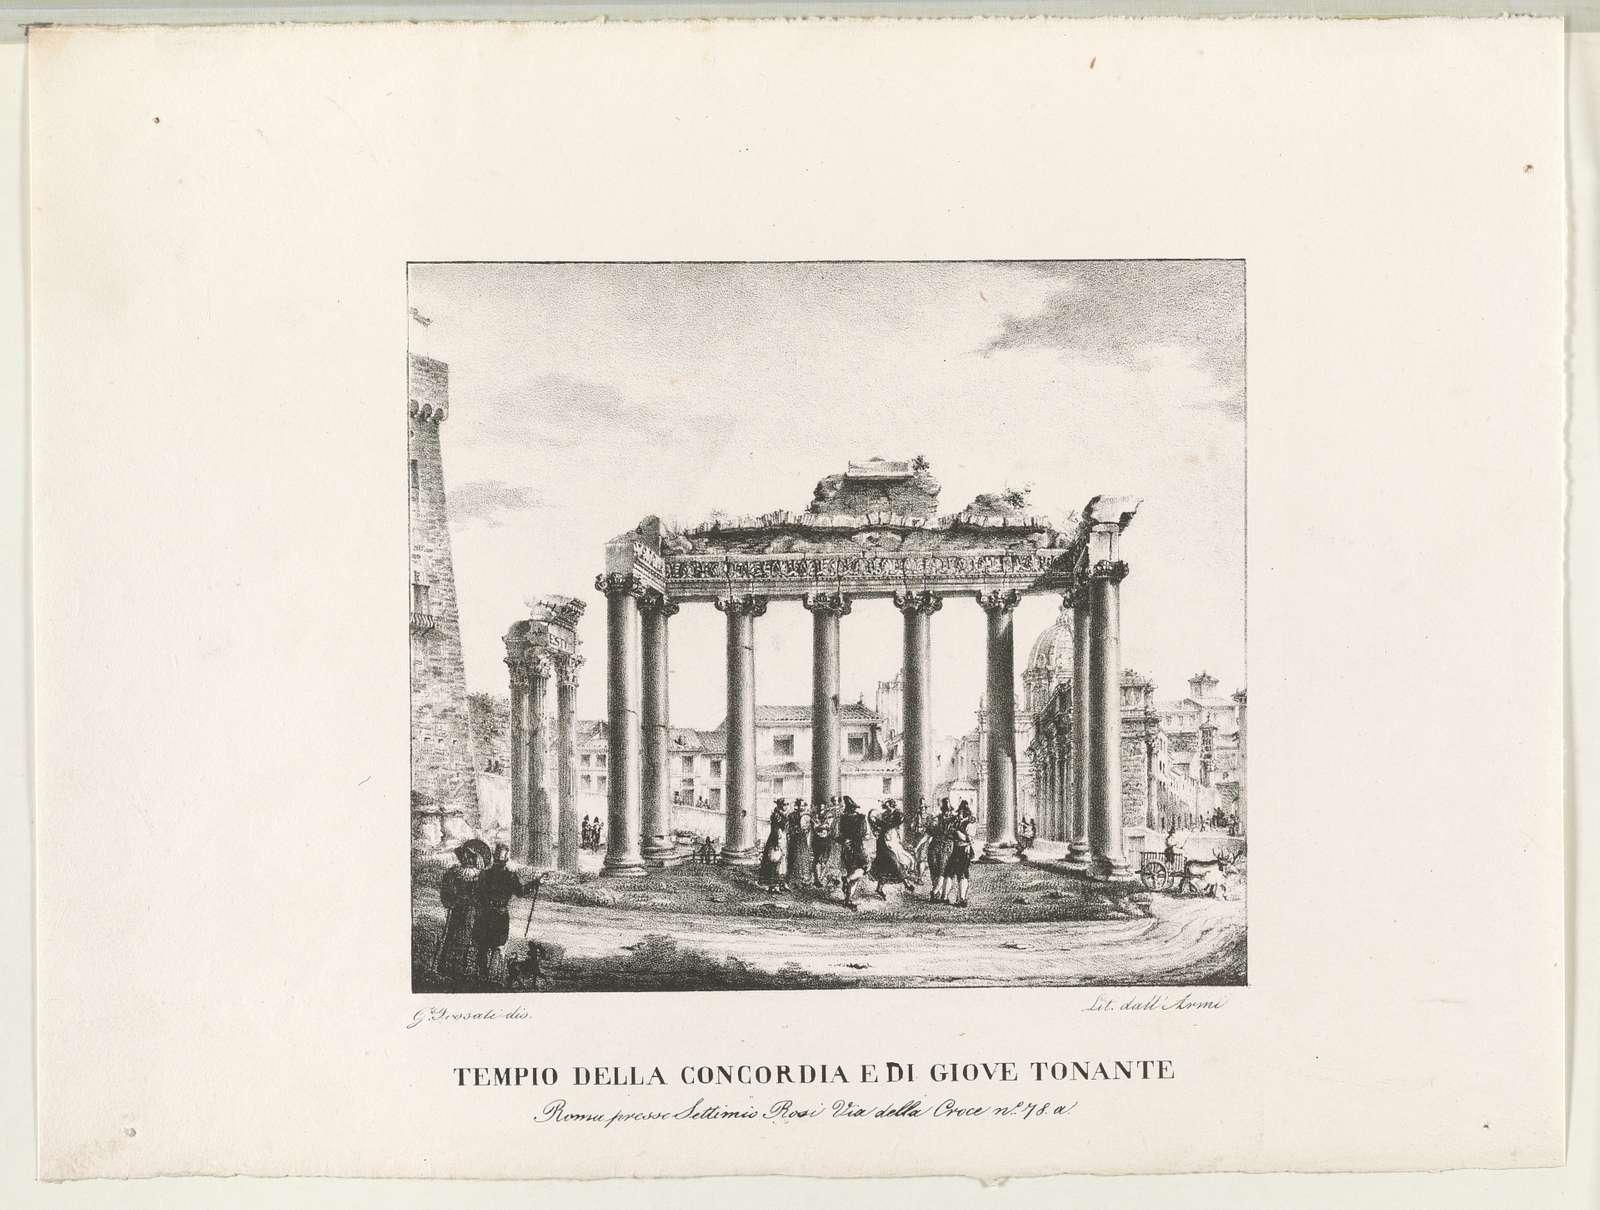 Tempio della concordia e di giove tonante